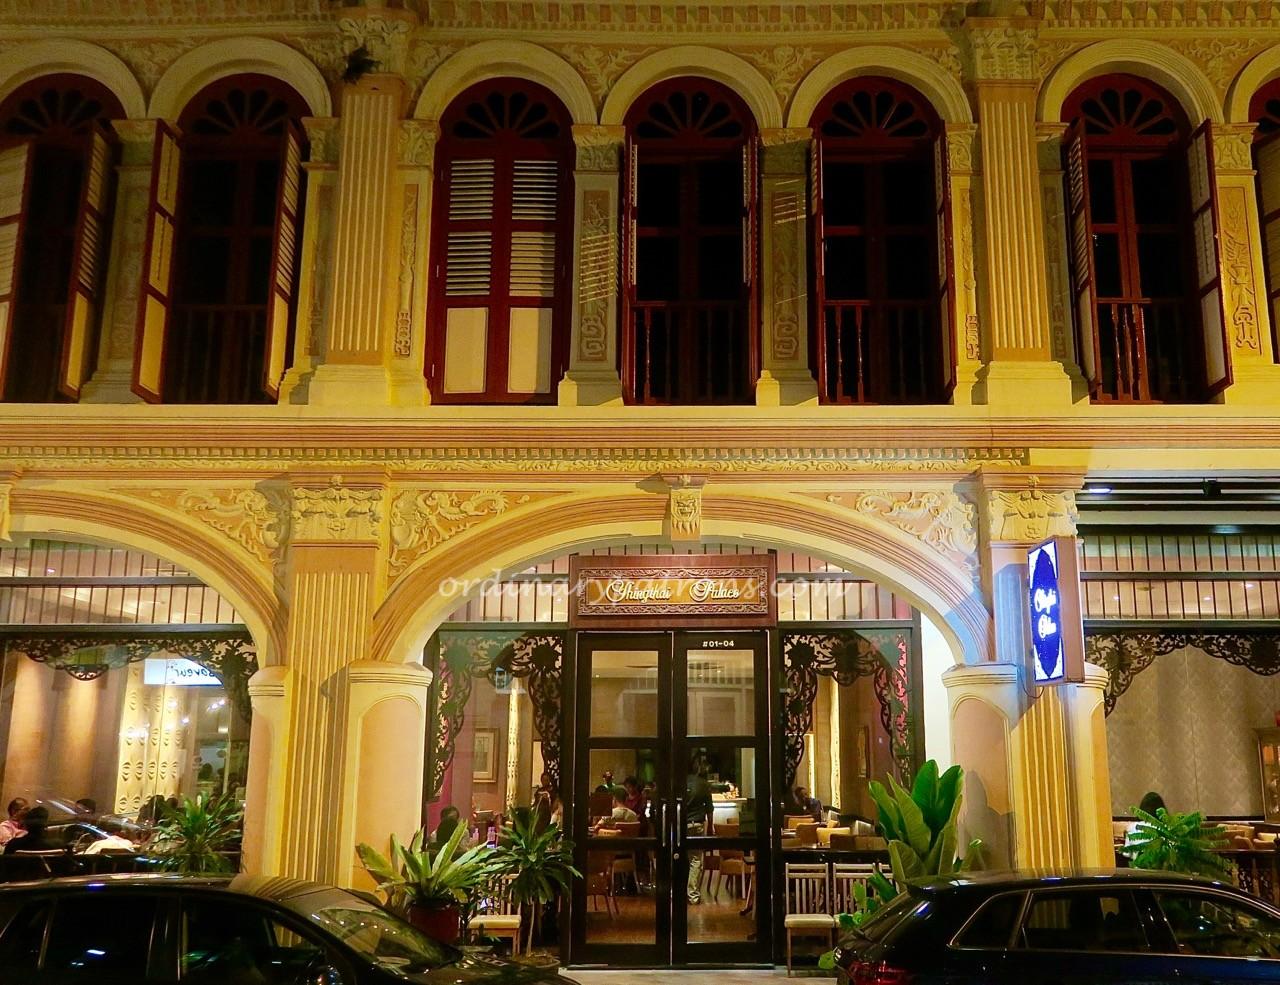 yhingthai-palace-thai-19